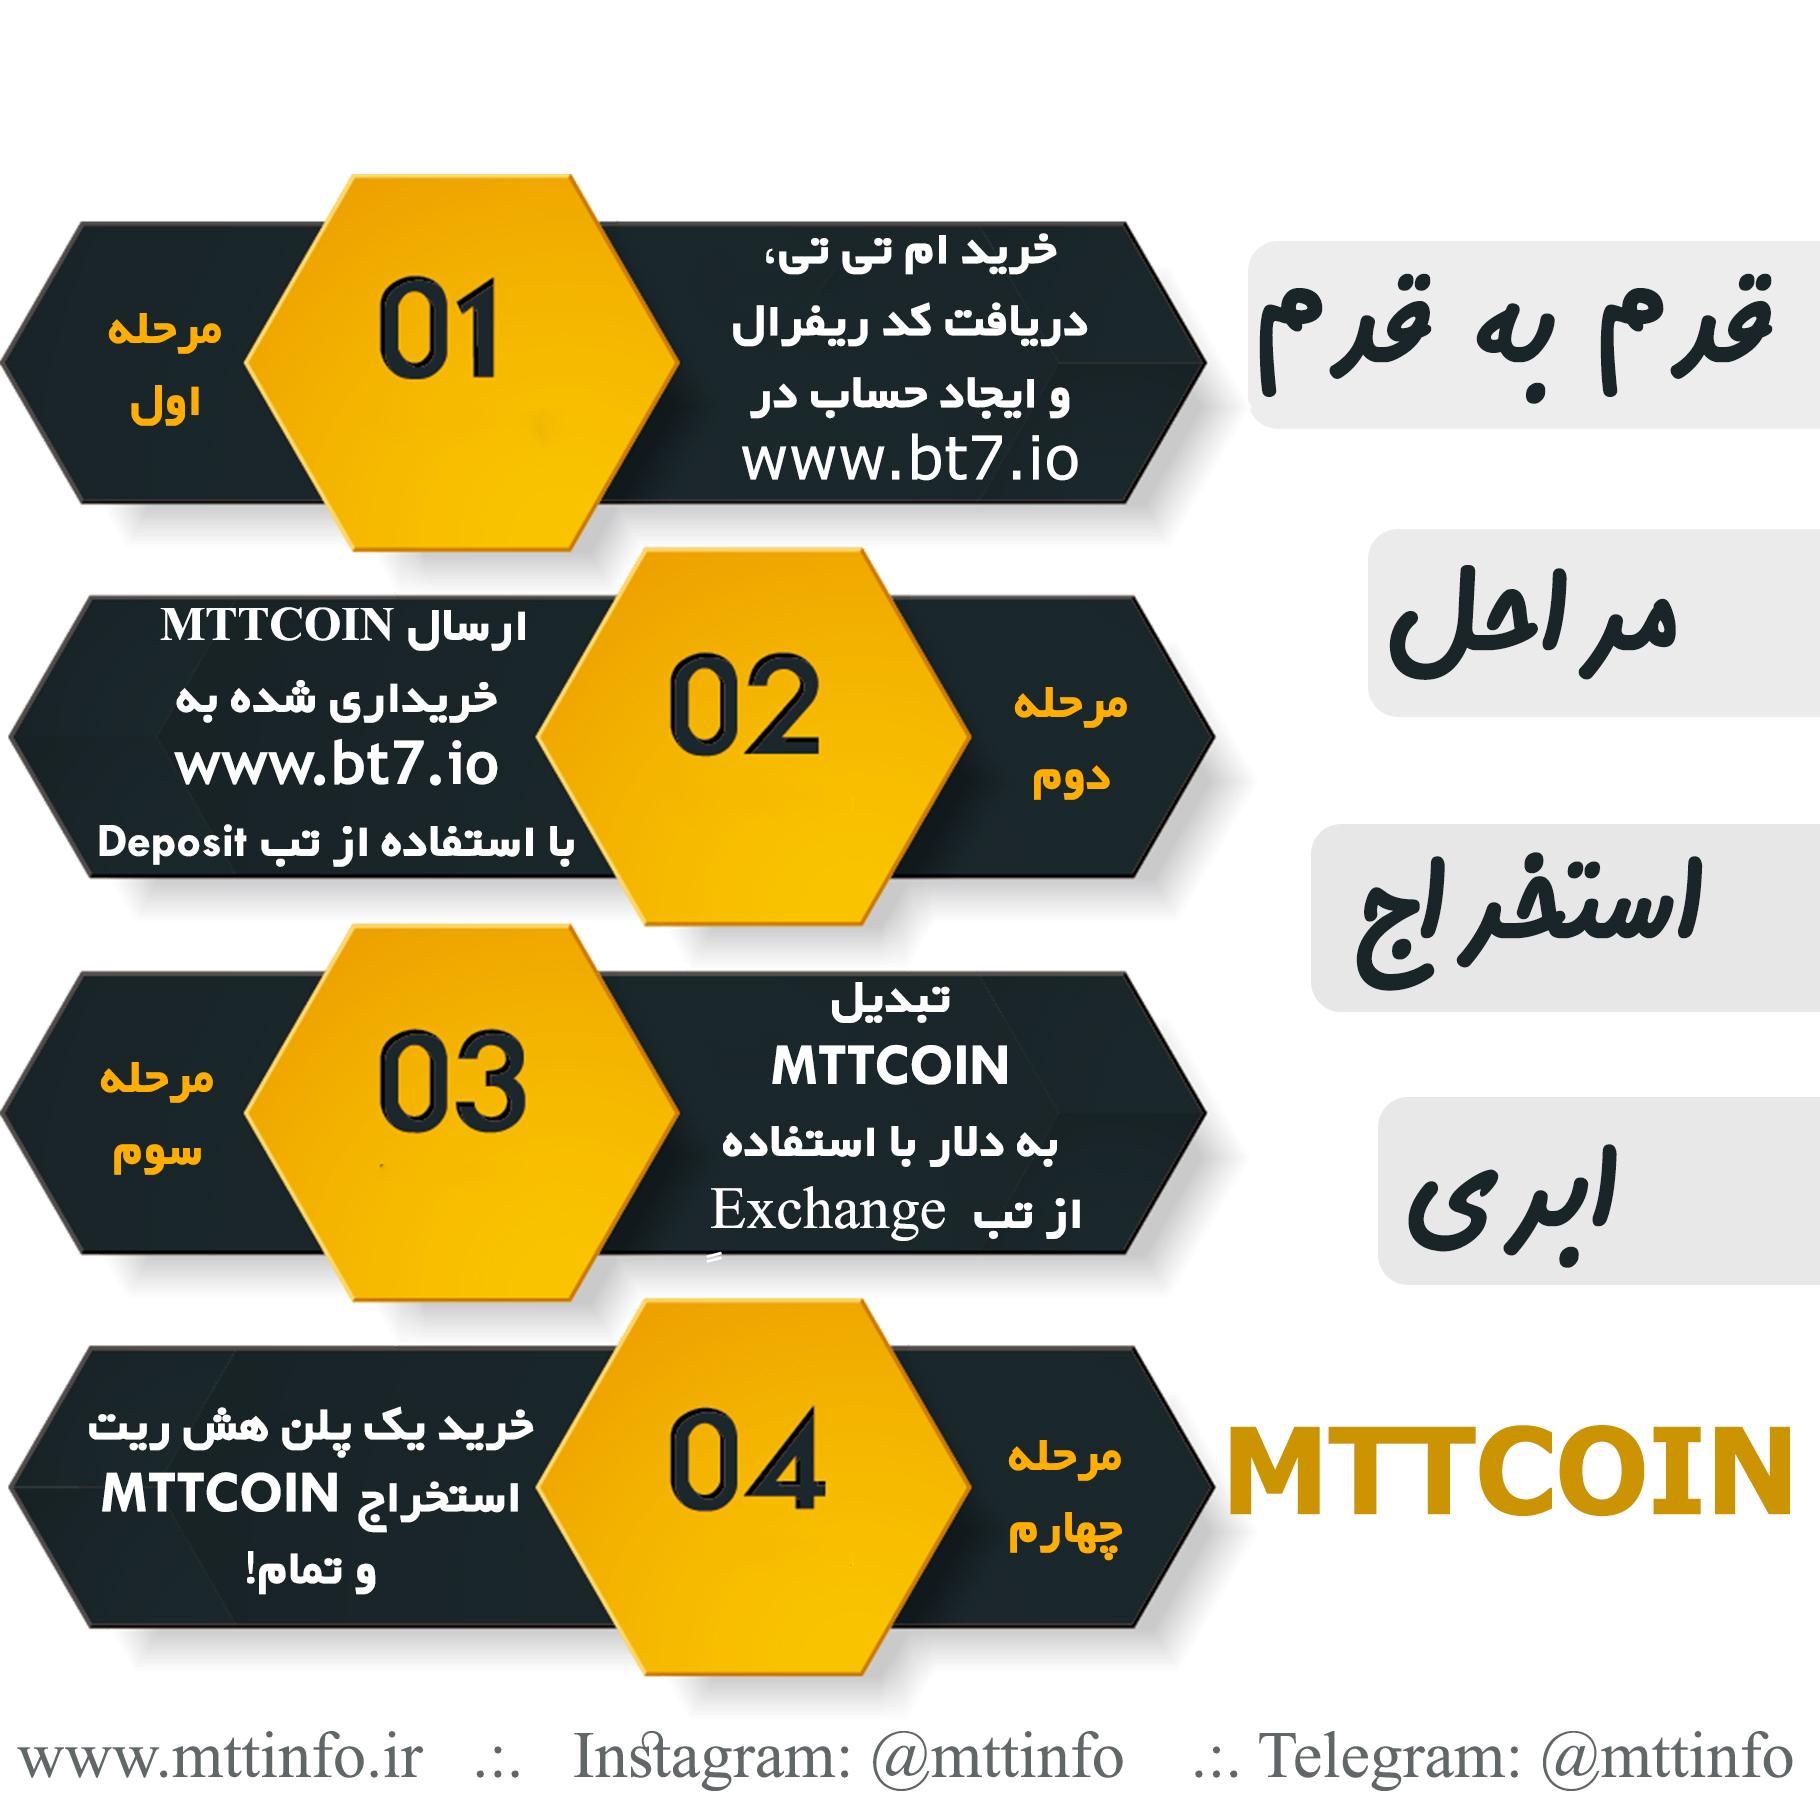 آموزش استخراج mttcoin